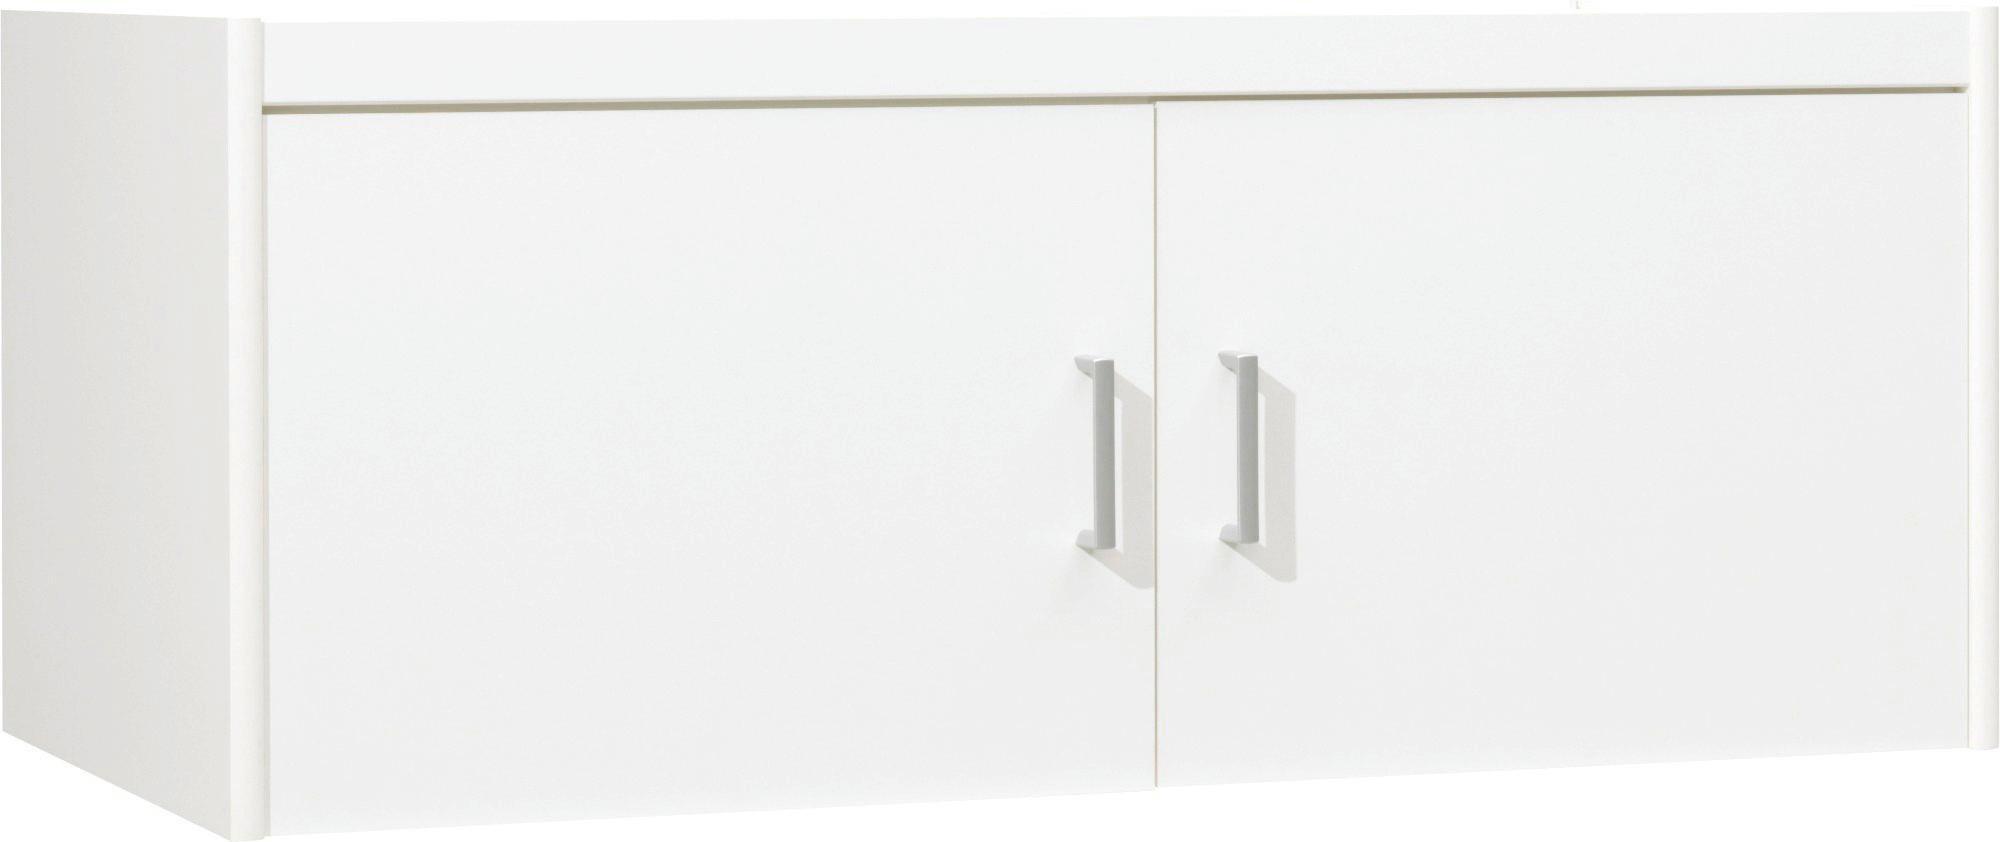 AUFSATZSCHRANK 106/43/54 cm Weiß - Silberfarben/Weiß, Design, Kunststoff (106/43/54cm) - CS SCHMAL